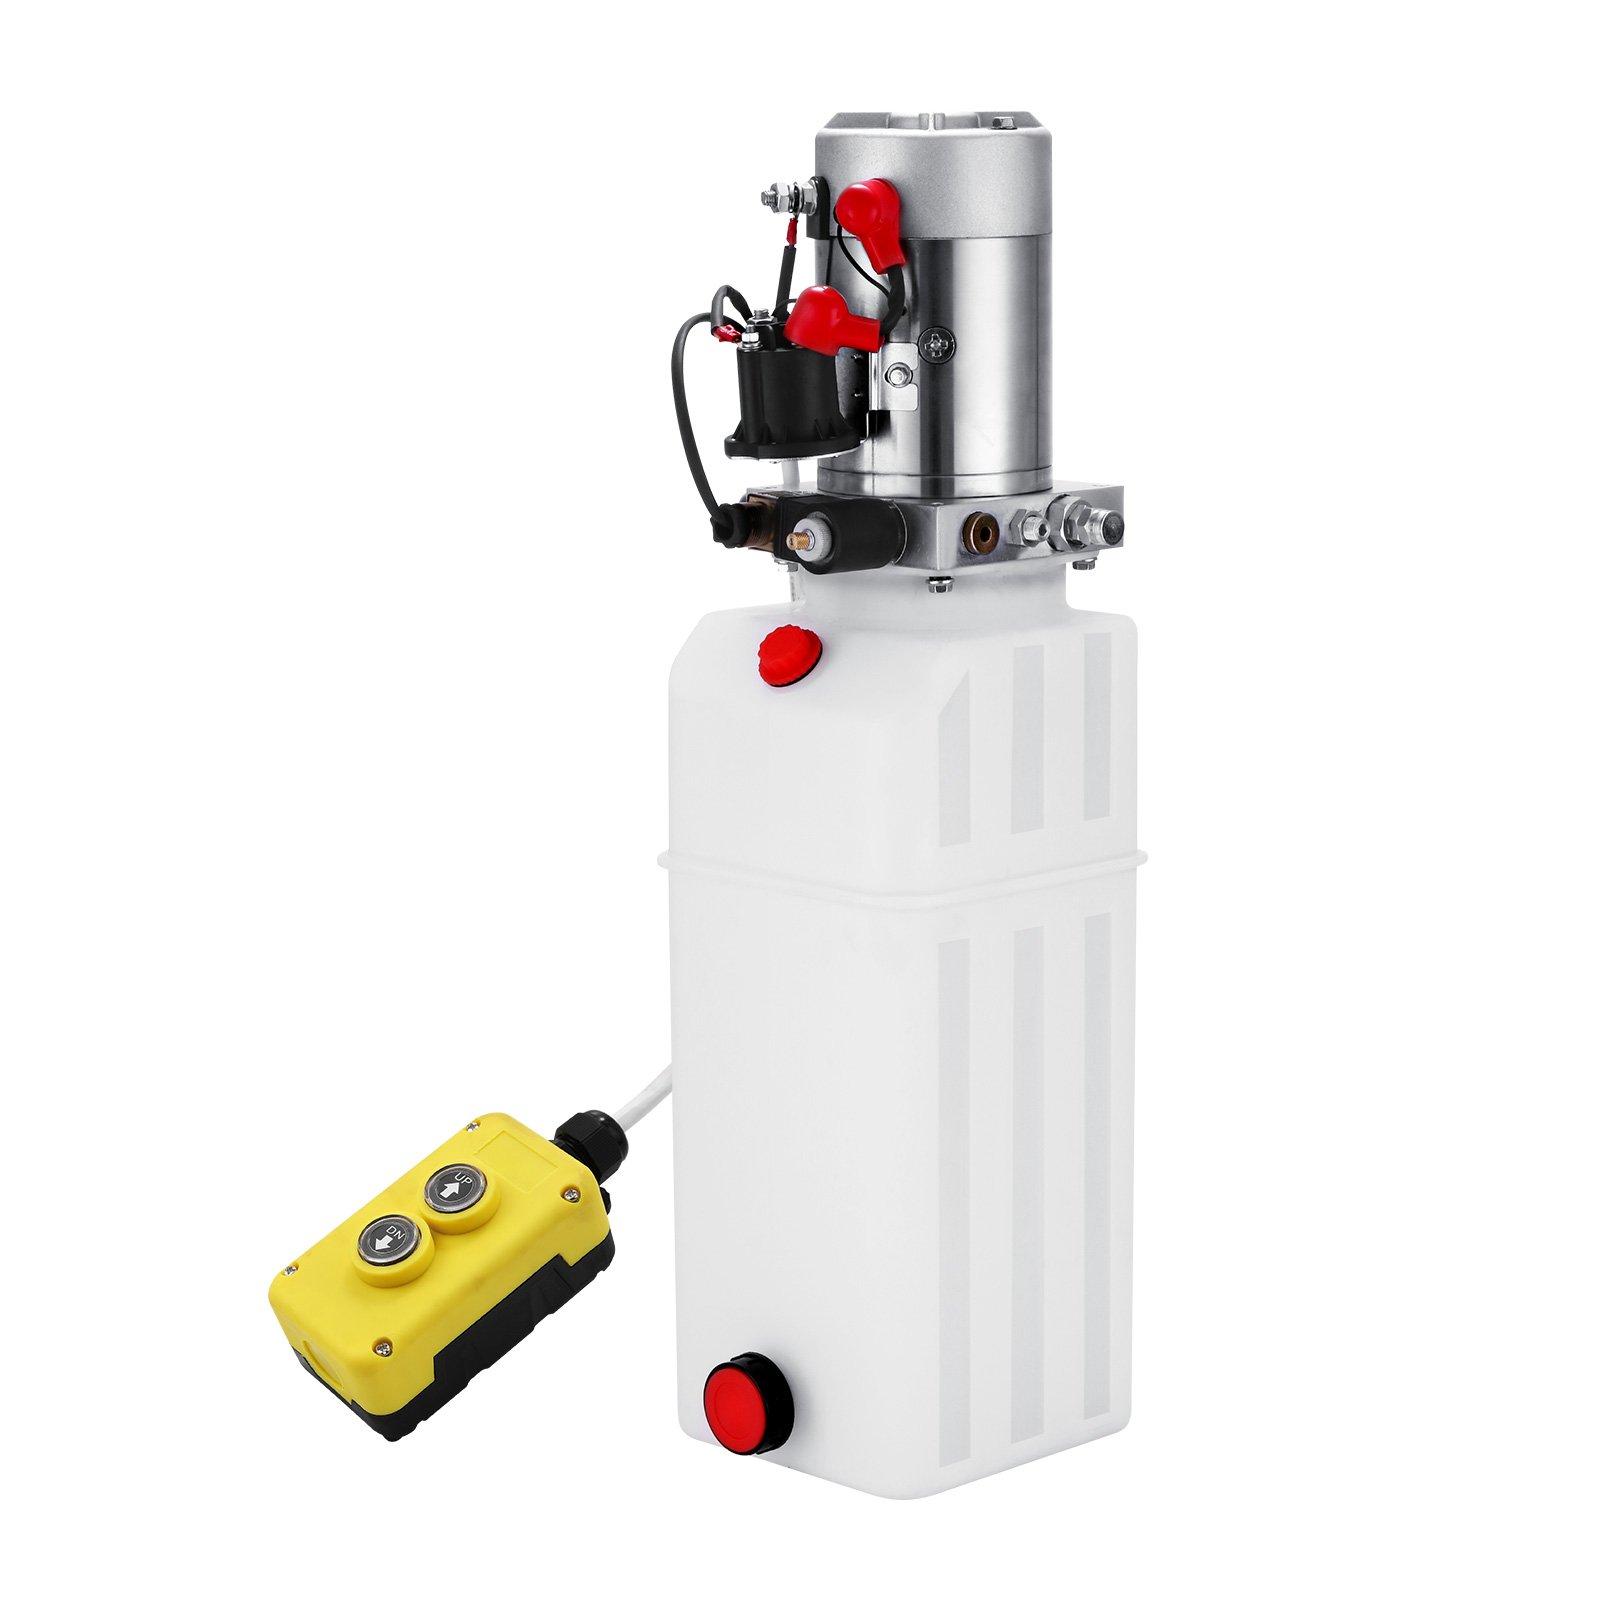 CNCshop Hydraulic Pump 10 Quart Single Acting Hydraulic Power Unit 12V DC Plastic Tank Hydraulic Pump Unit with Remoter for Dump Trailer